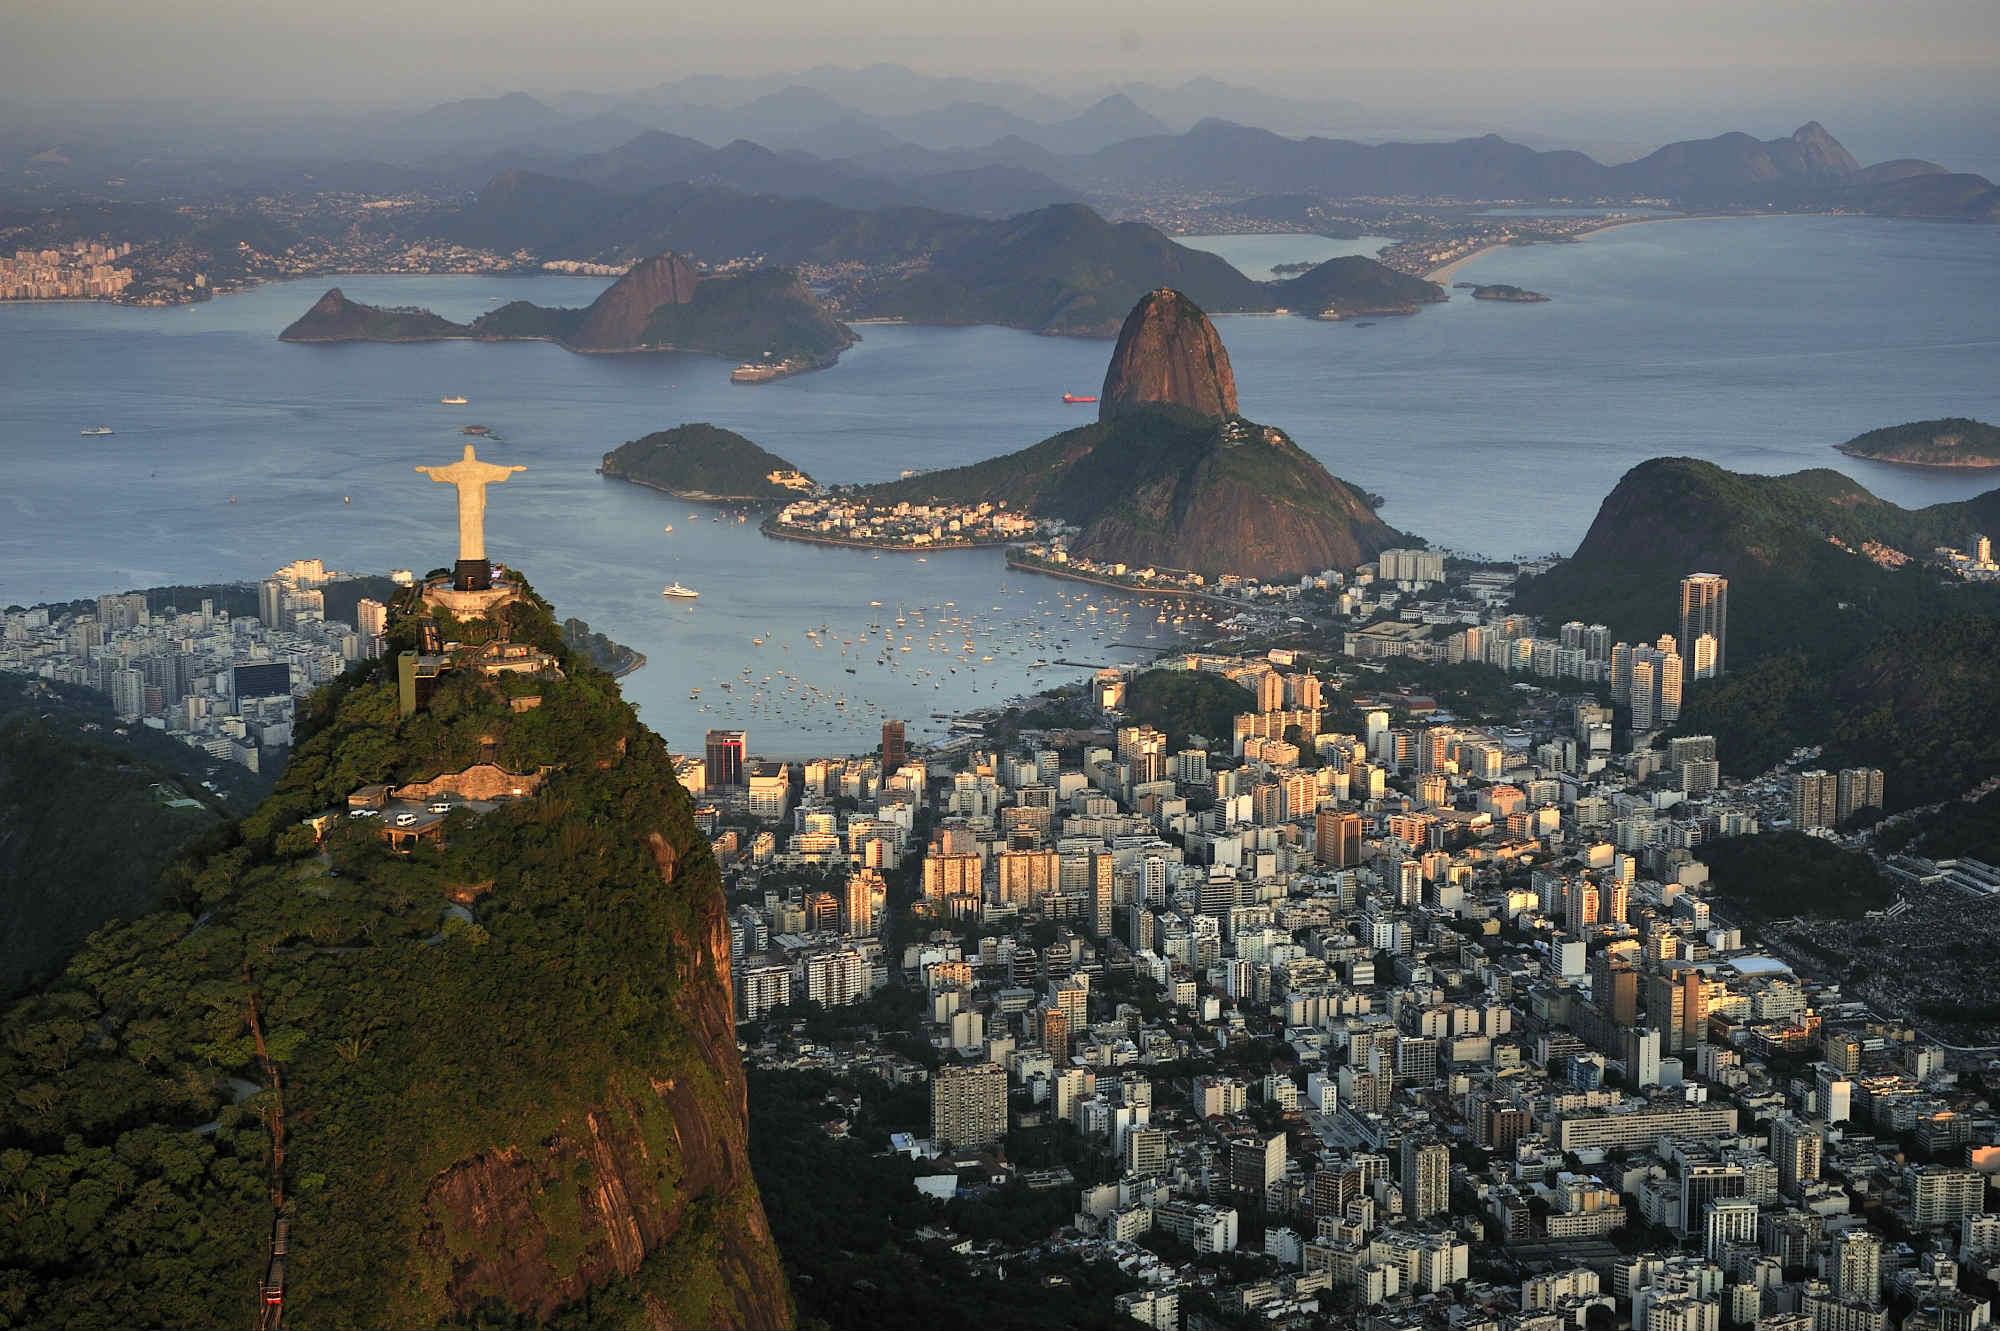 Las únicas dos ciudades latinoamericanas que aparecen en el escalafón son Río de Janeiro (en el puesto 51) con 61.7 puntos y Ciudad de México en la posición 54 con 52.6 puntos.